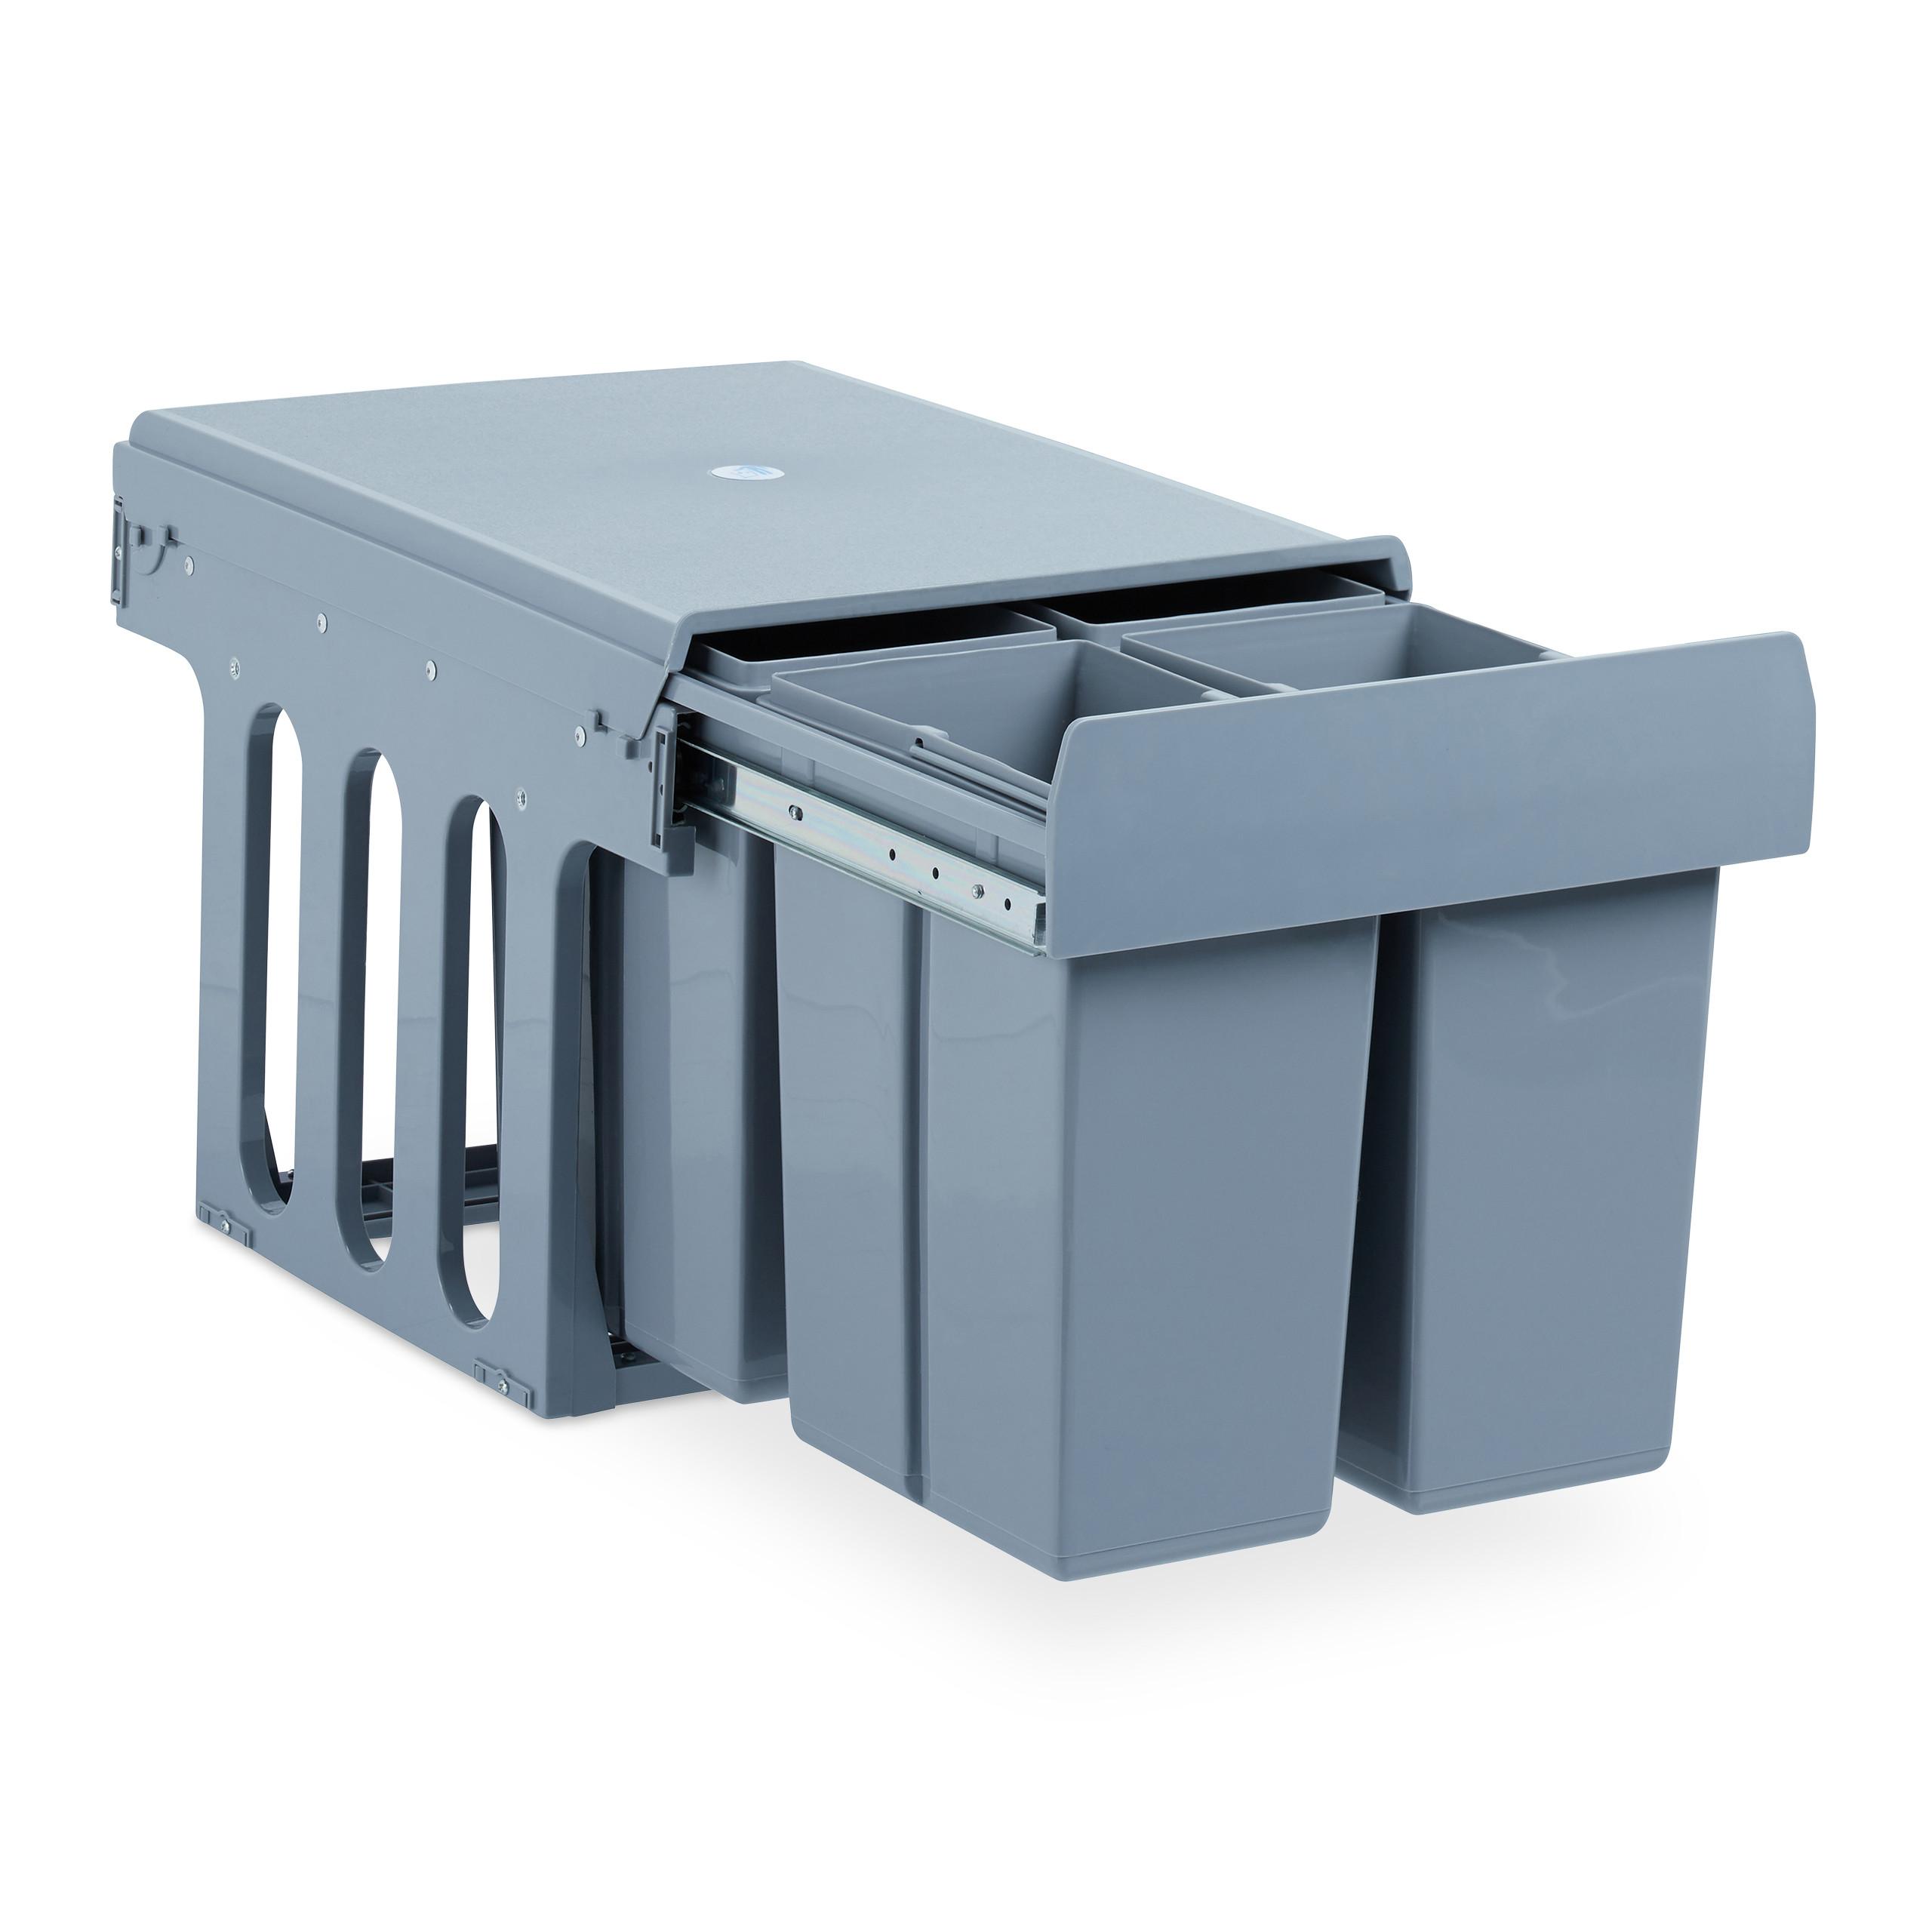 Details zu Einbaumülleimer Küche, Müllauszug 8-fach Küchenmülleimer  Müllsystem Unterschrank